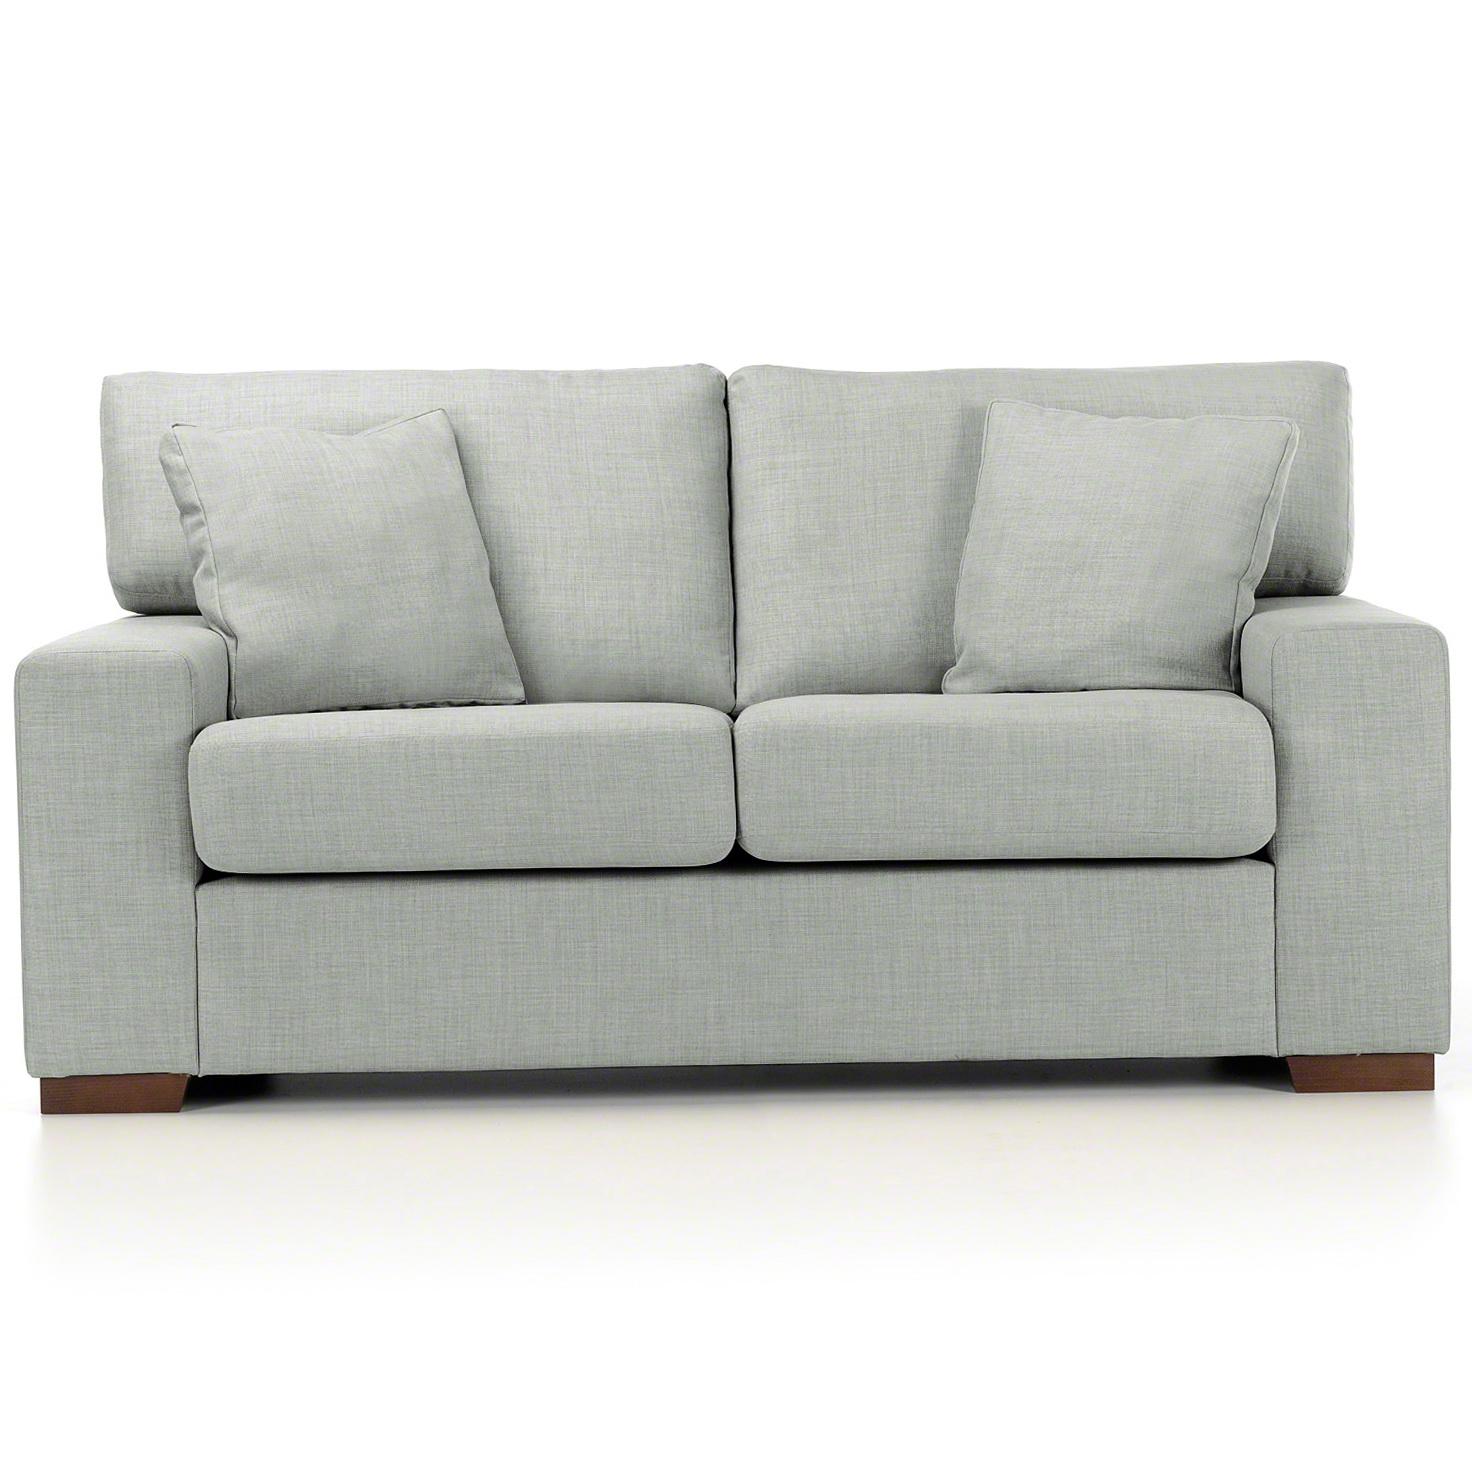 Sofa Foam Cushions Chennai Home